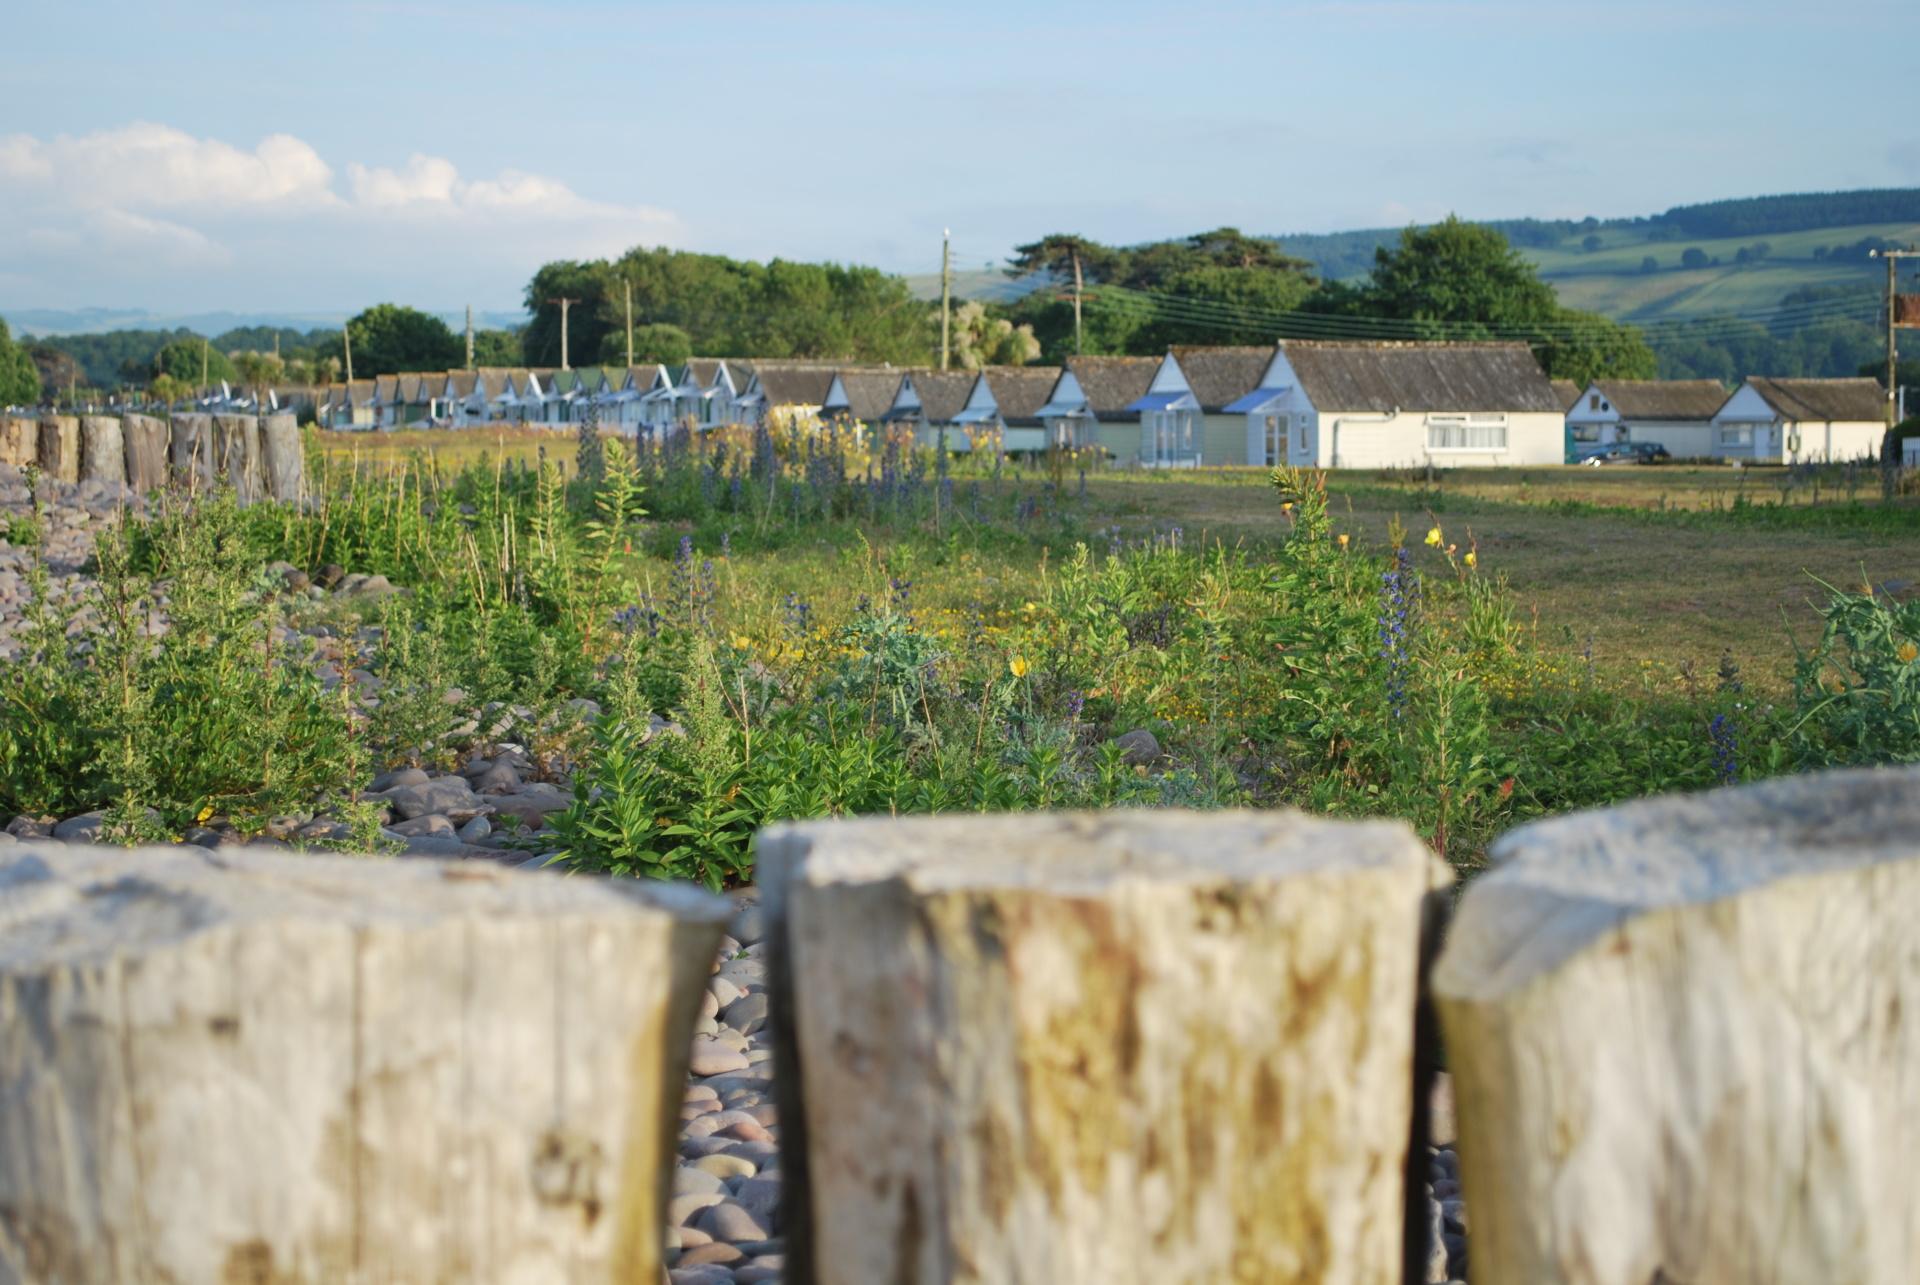 Dunster, beach, hut, salad days, beach hut, chalet, dunster beach